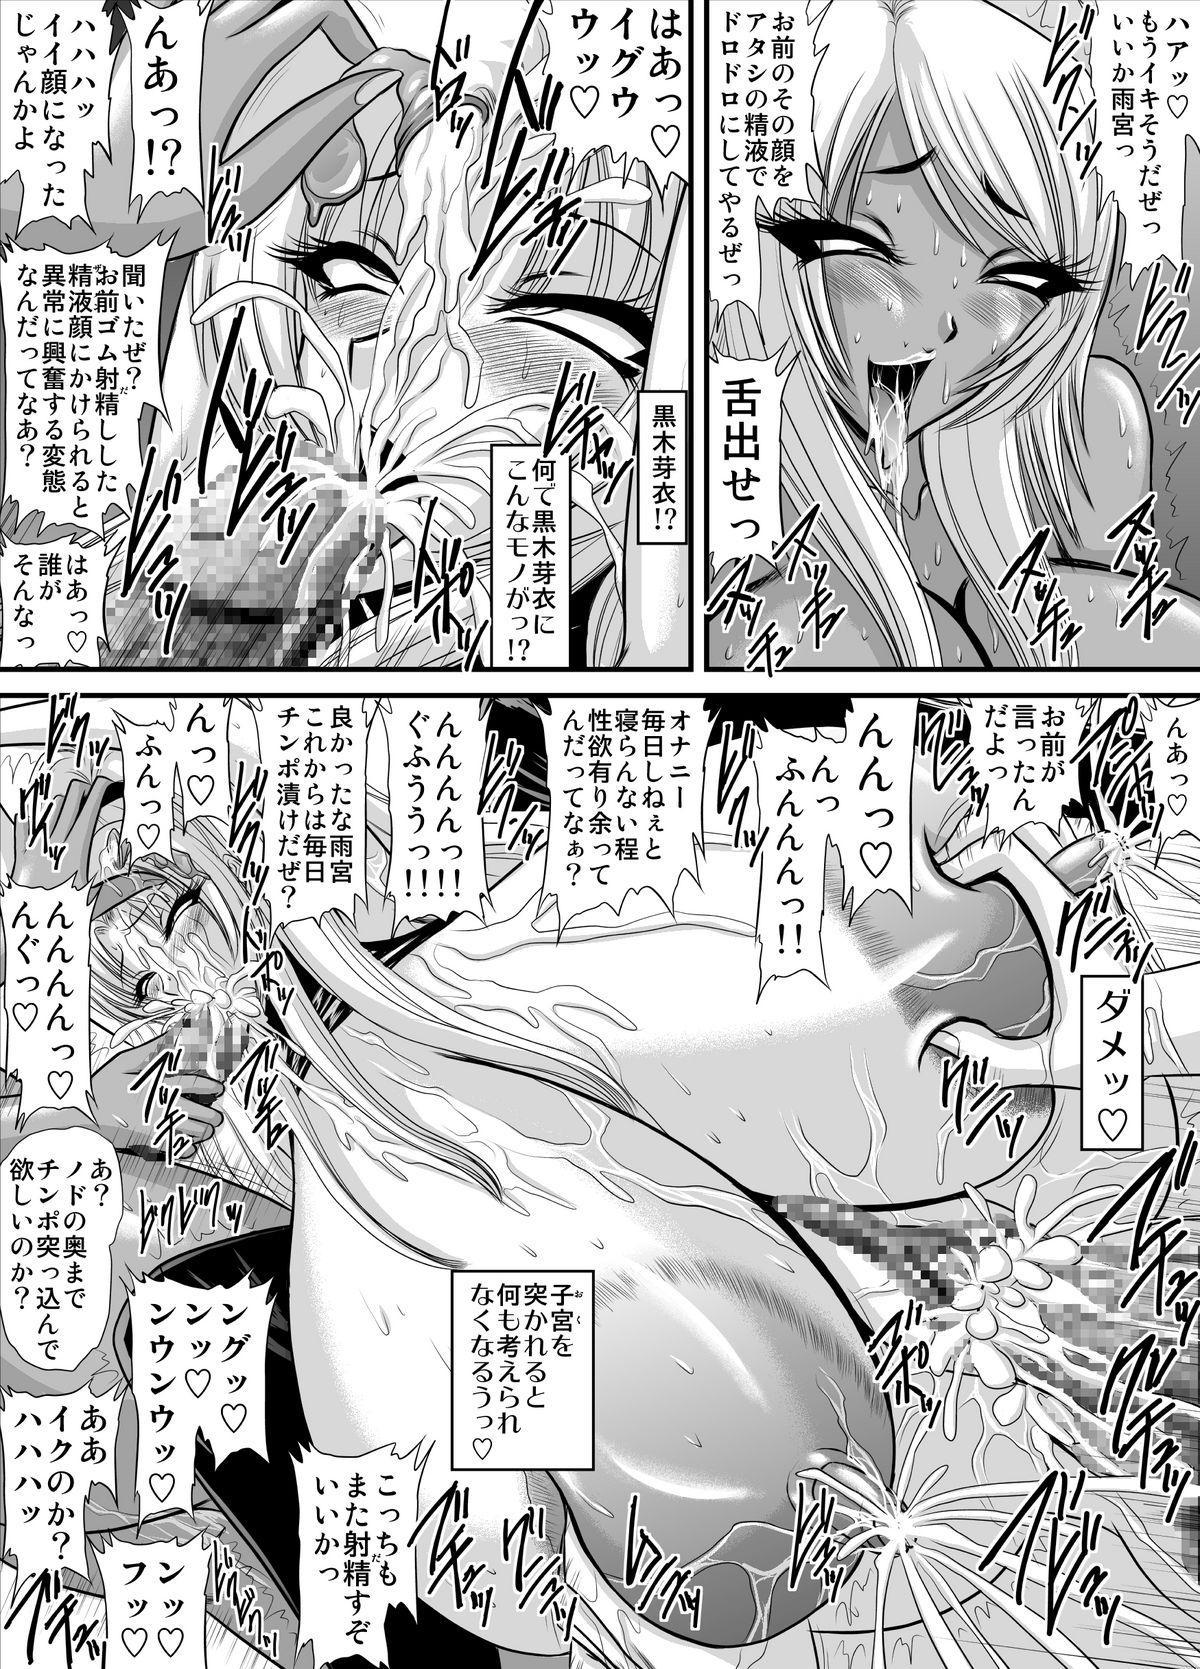 Keiyaku Sei Dorei Bakunyuu Kyoushi Sayaka 12 7